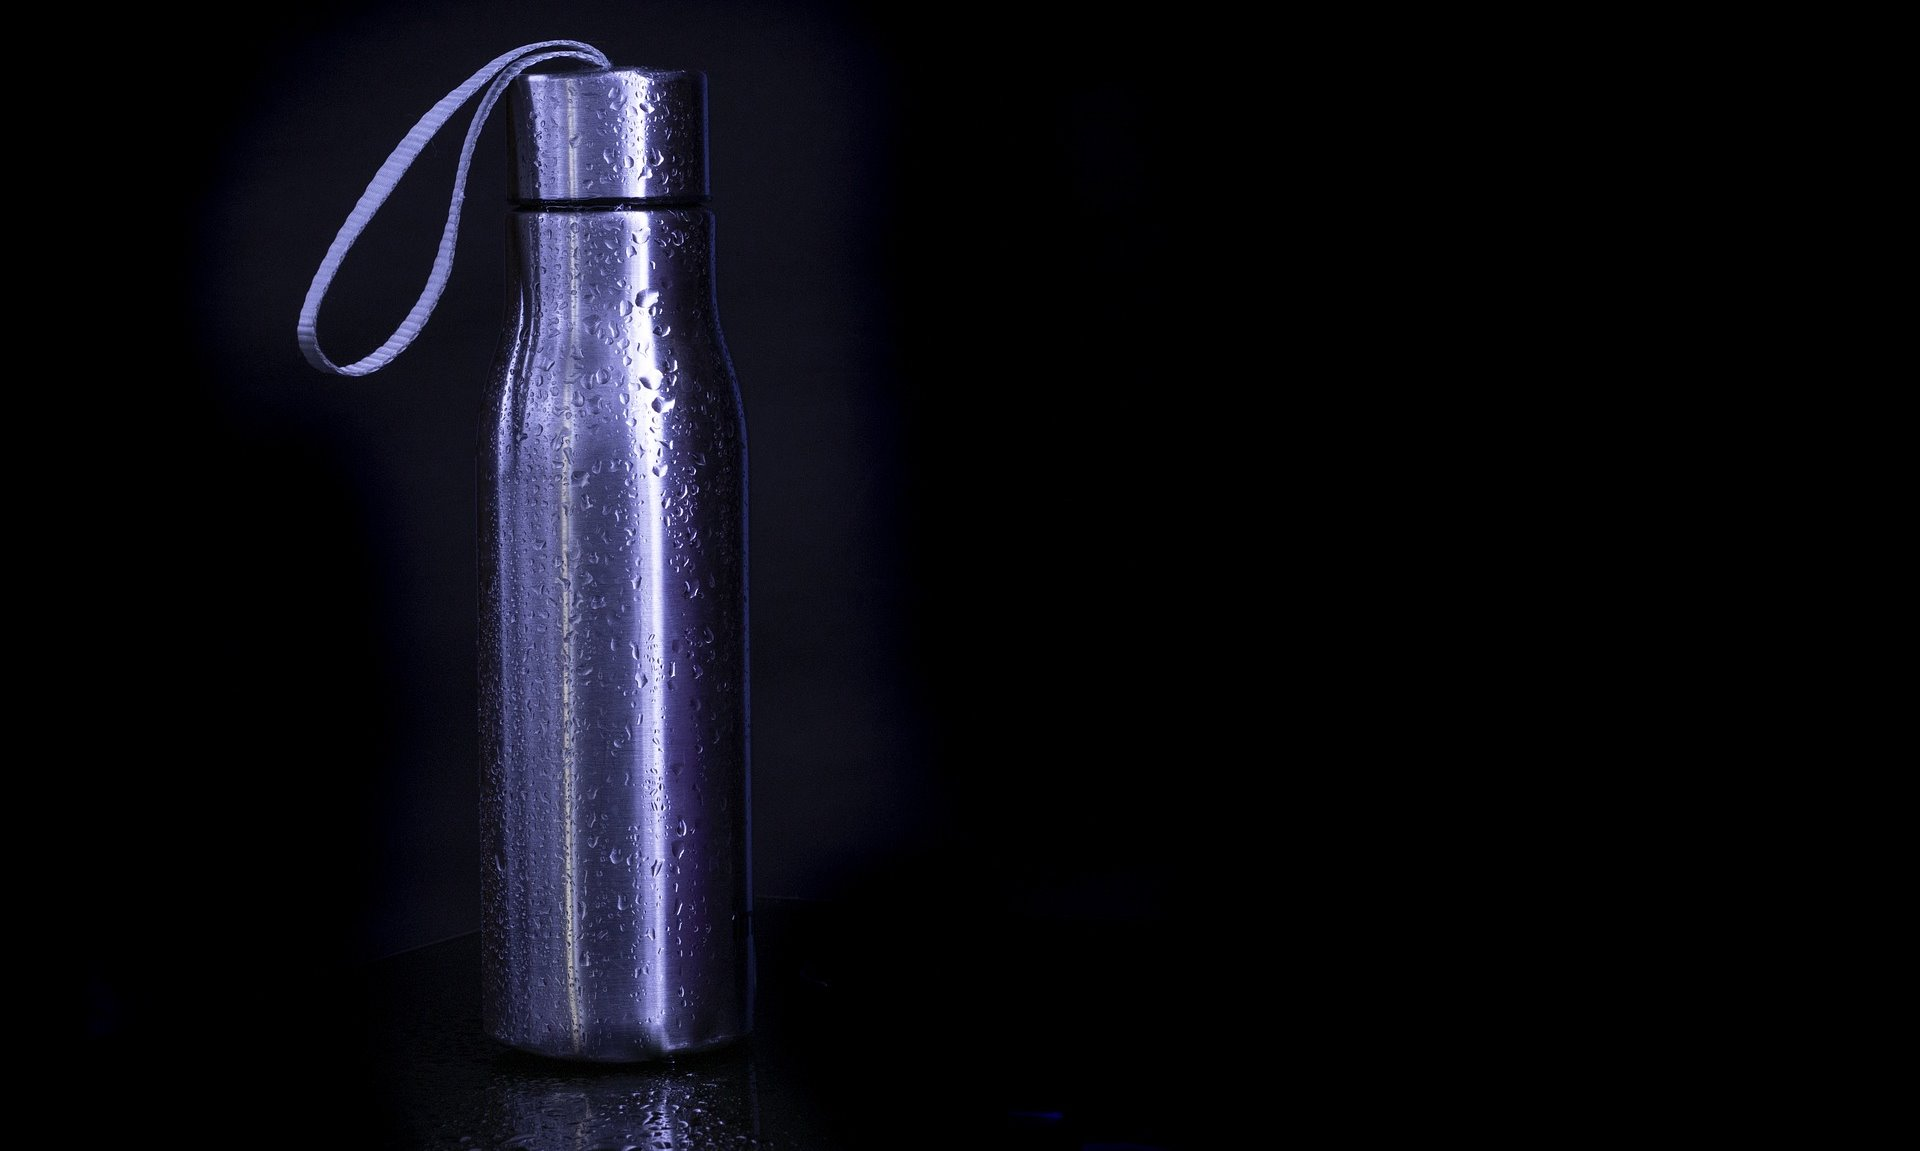 Edelstahl-Trinkflasche mit Wasser